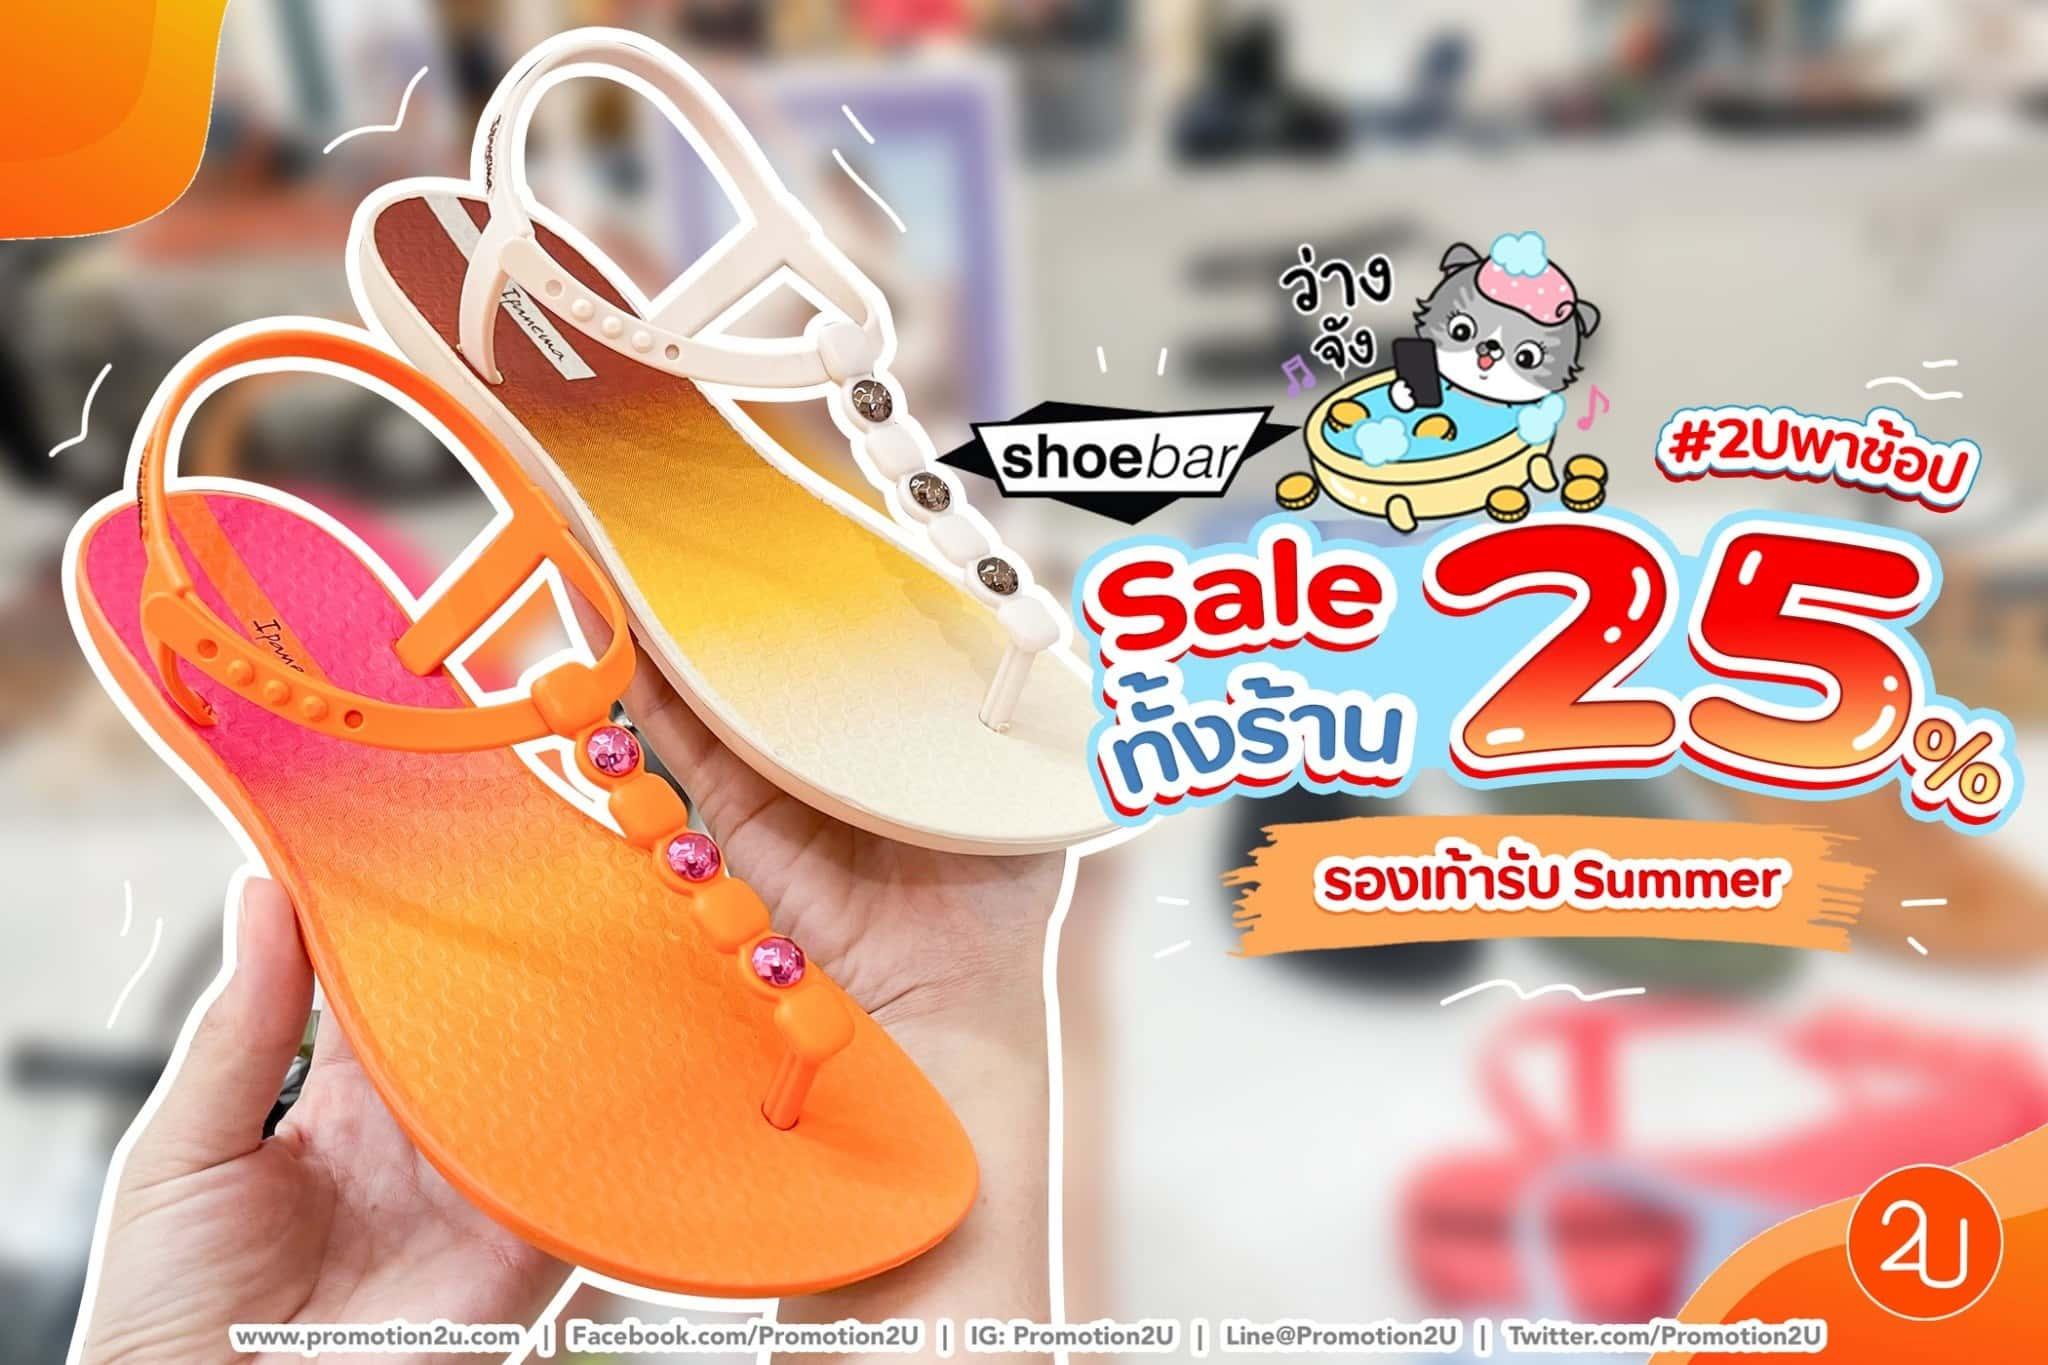 SALE!! รองเท้าแตะใส่สบาย Shoebar ลดทั้งร้าน 25%